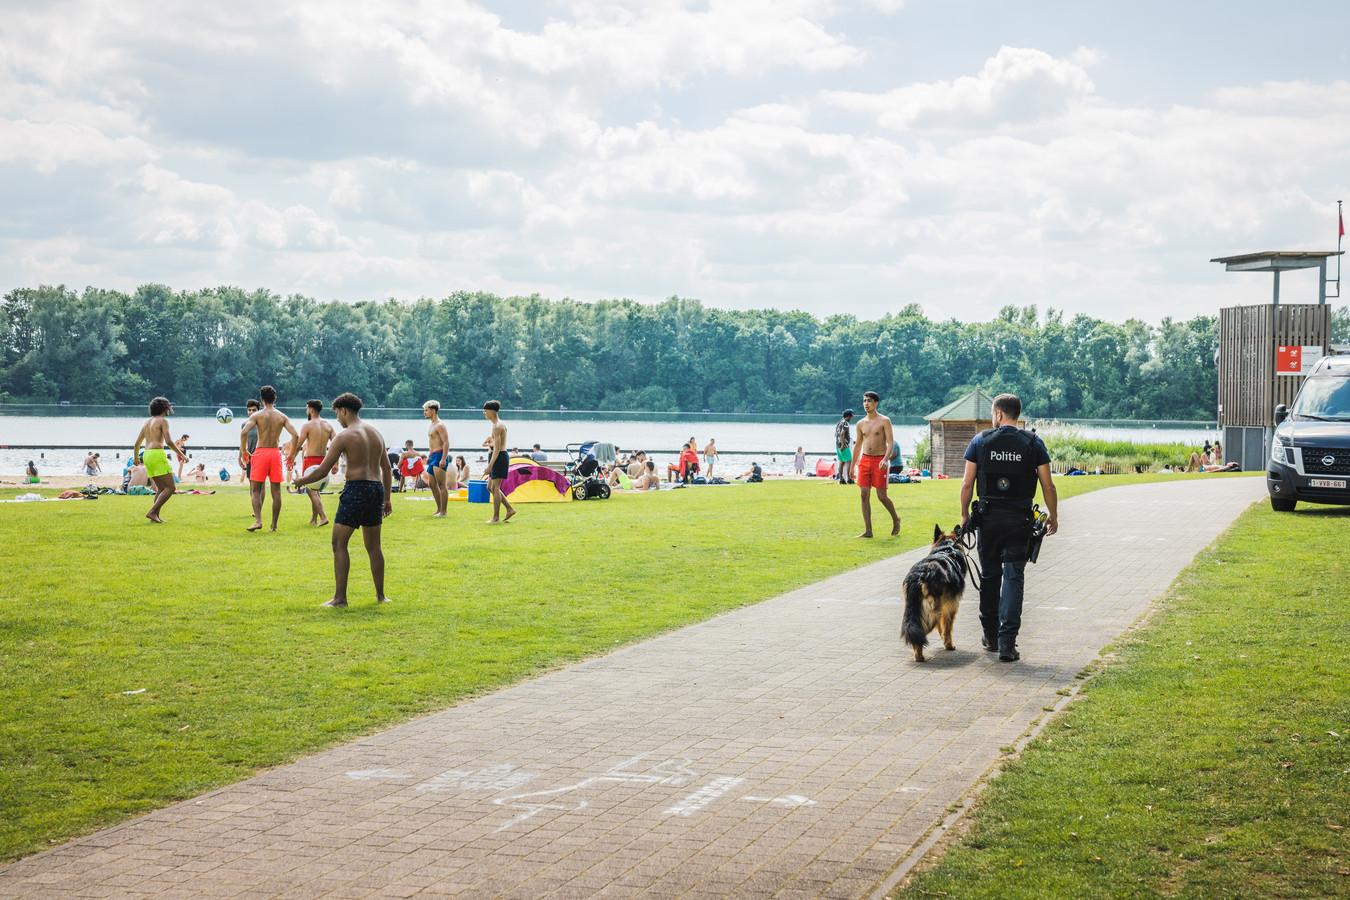 De politie was donderdag al op de Blaarmeersen aanwezig met hondenpatrouilles